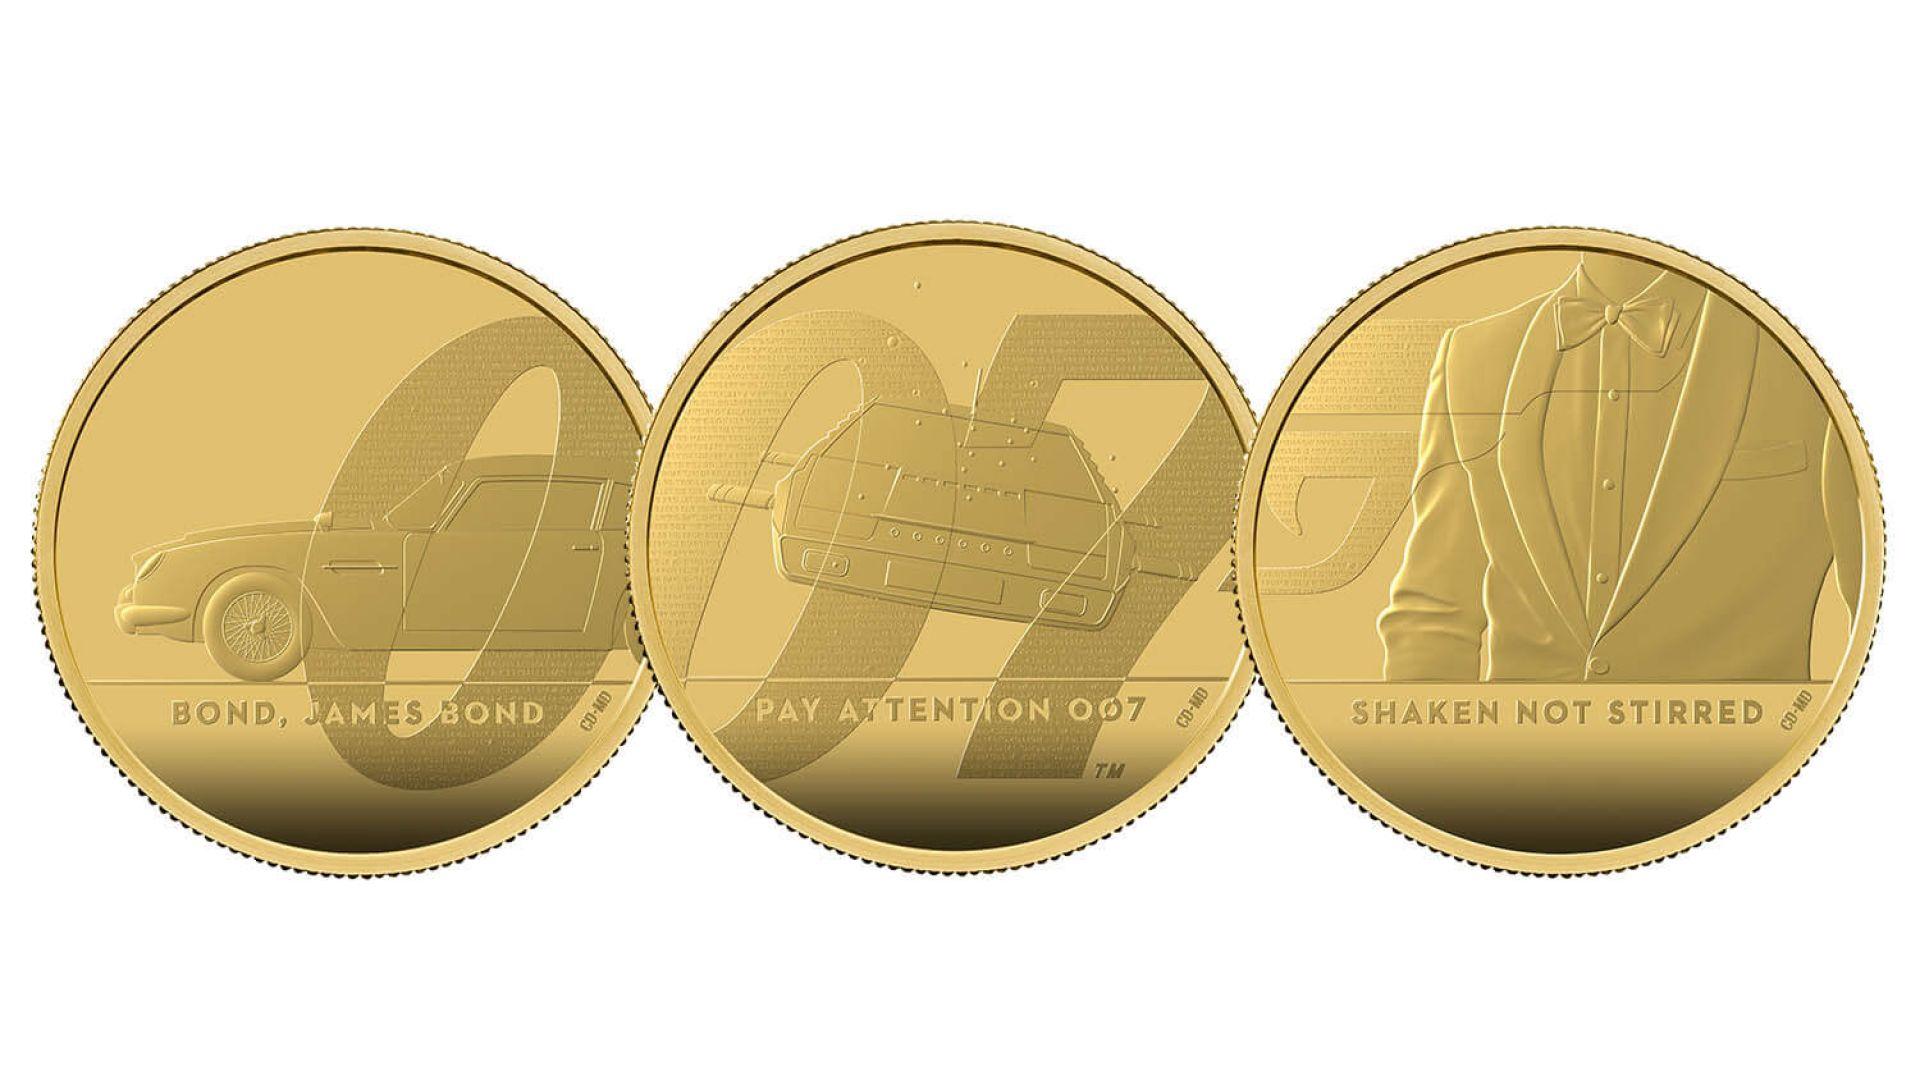 Кралският монетен двор пусна монета от серията за Джеймс Бонд със скрито послание